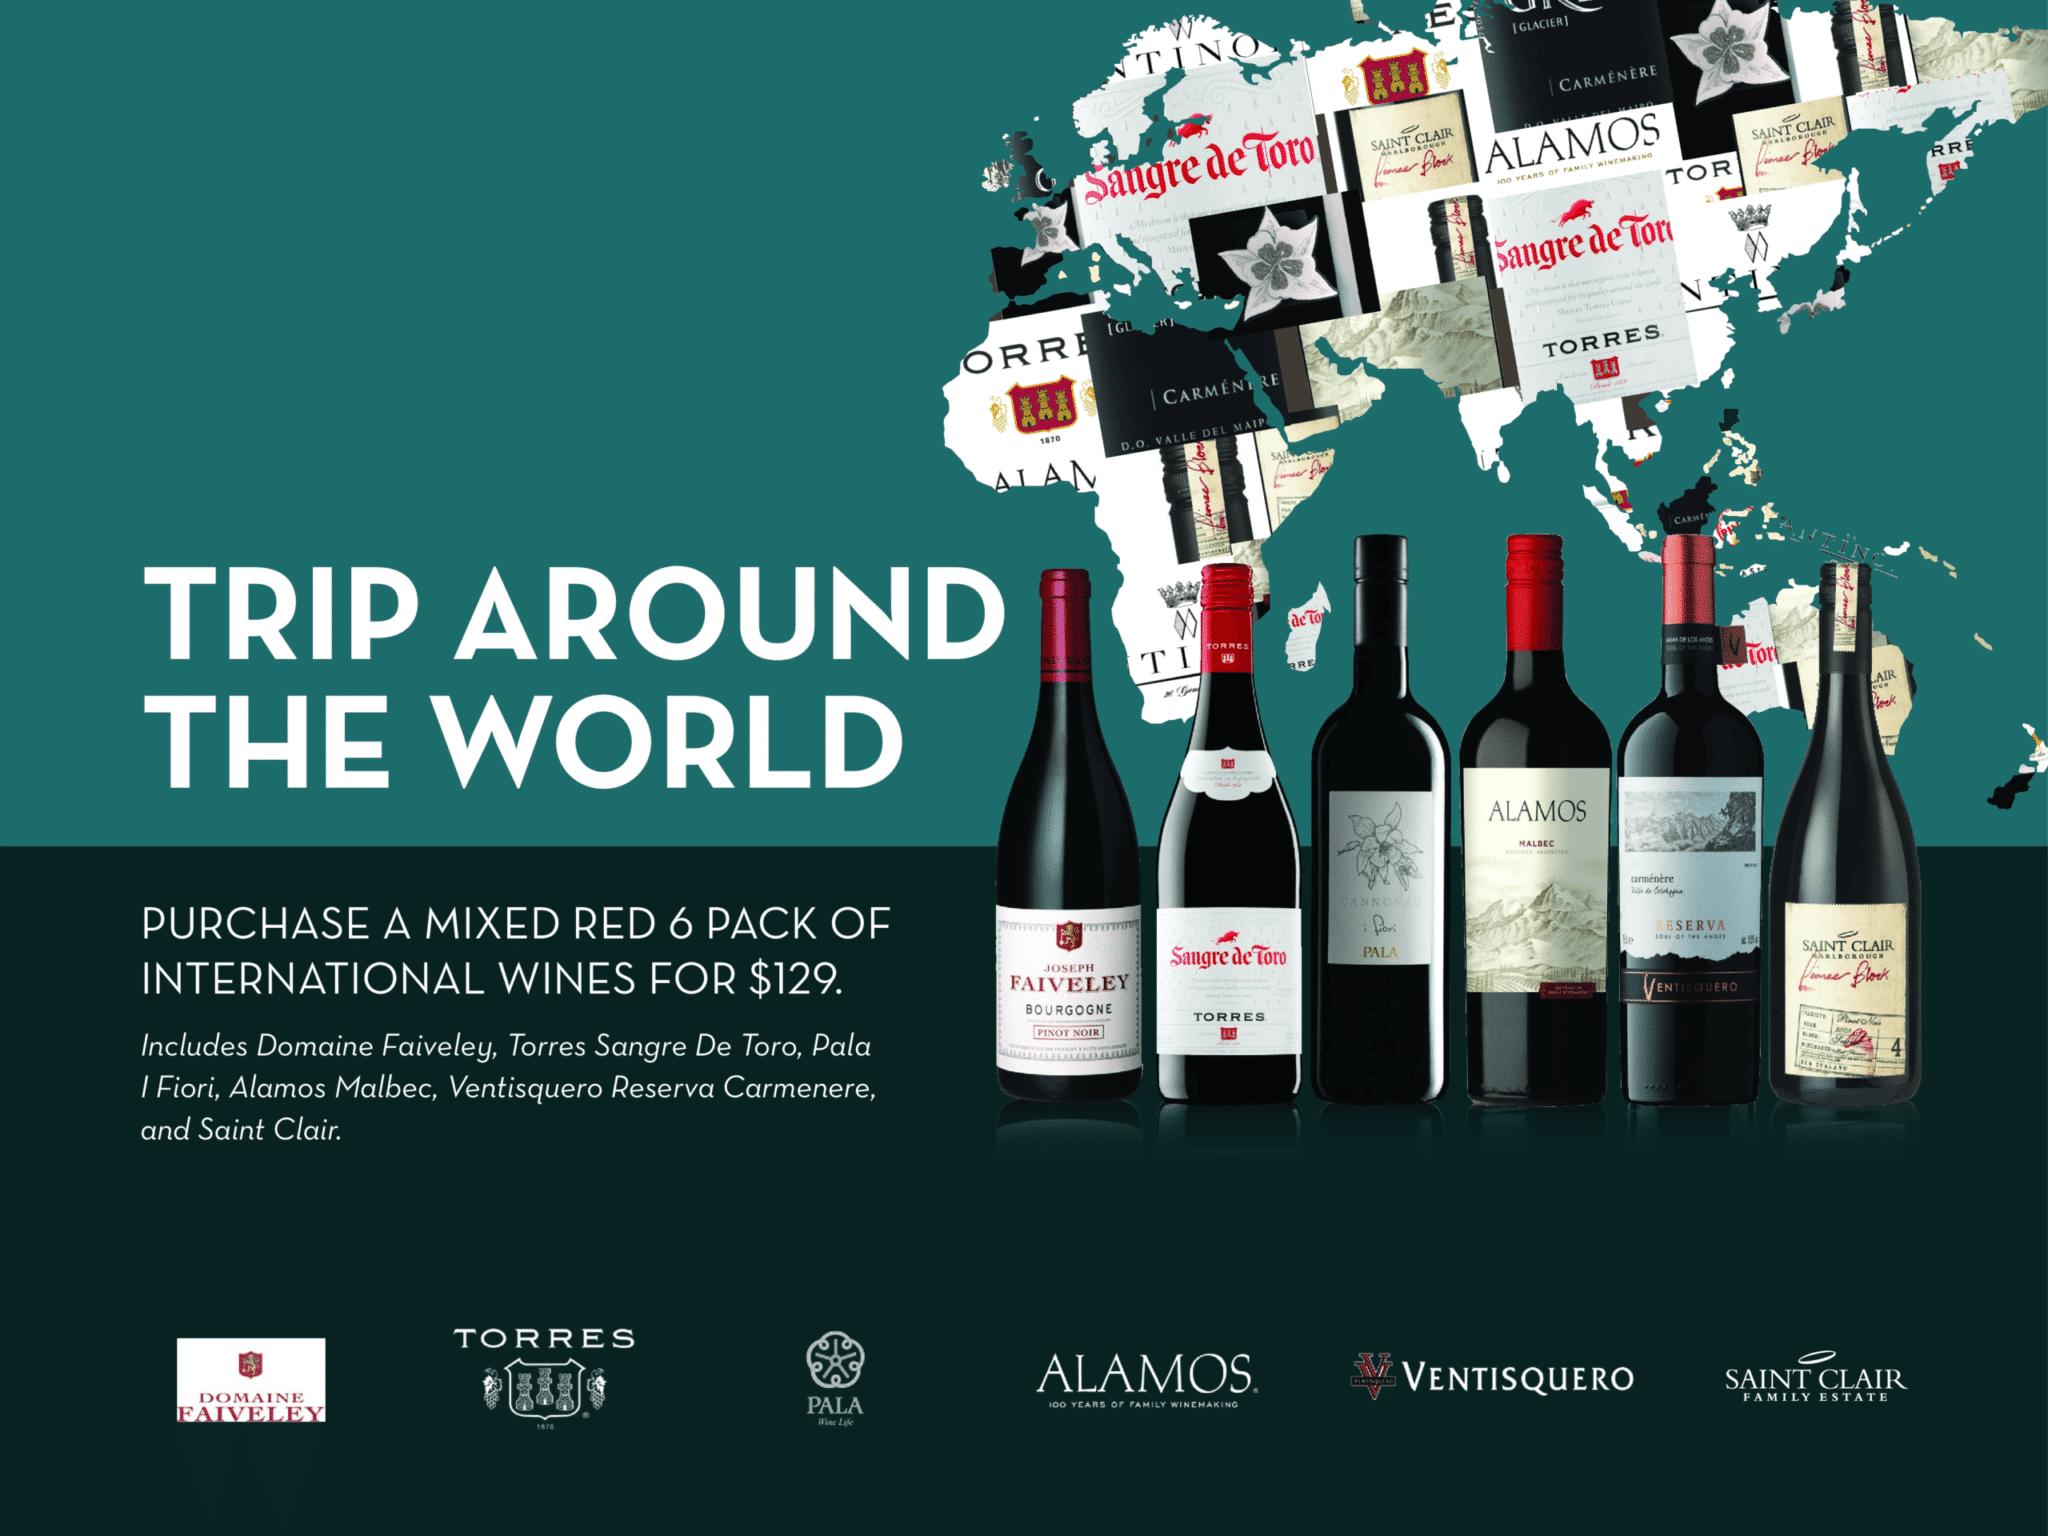 Trip around the world Red Wine 6pk